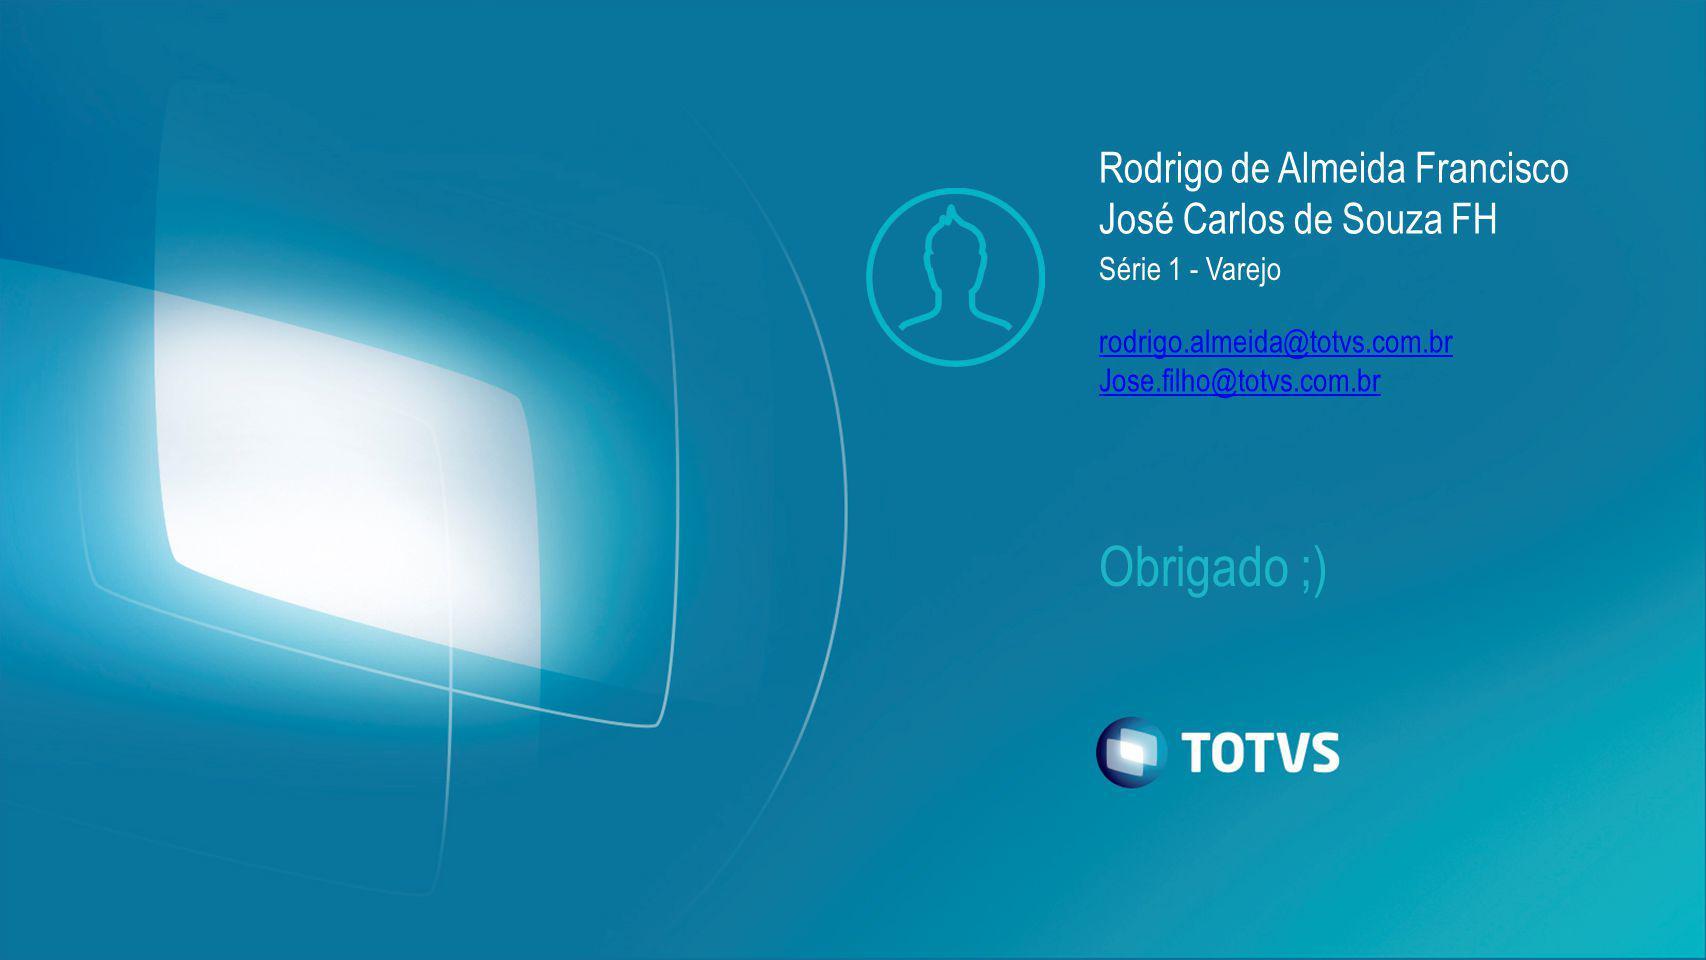 Obrigado ;) Rodrigo de Almeida Francisco José Carlos de Souza FH Série 1 - Varejo rodrigo.almeida@totvs.com.br Jose.filho@totvs.com.br